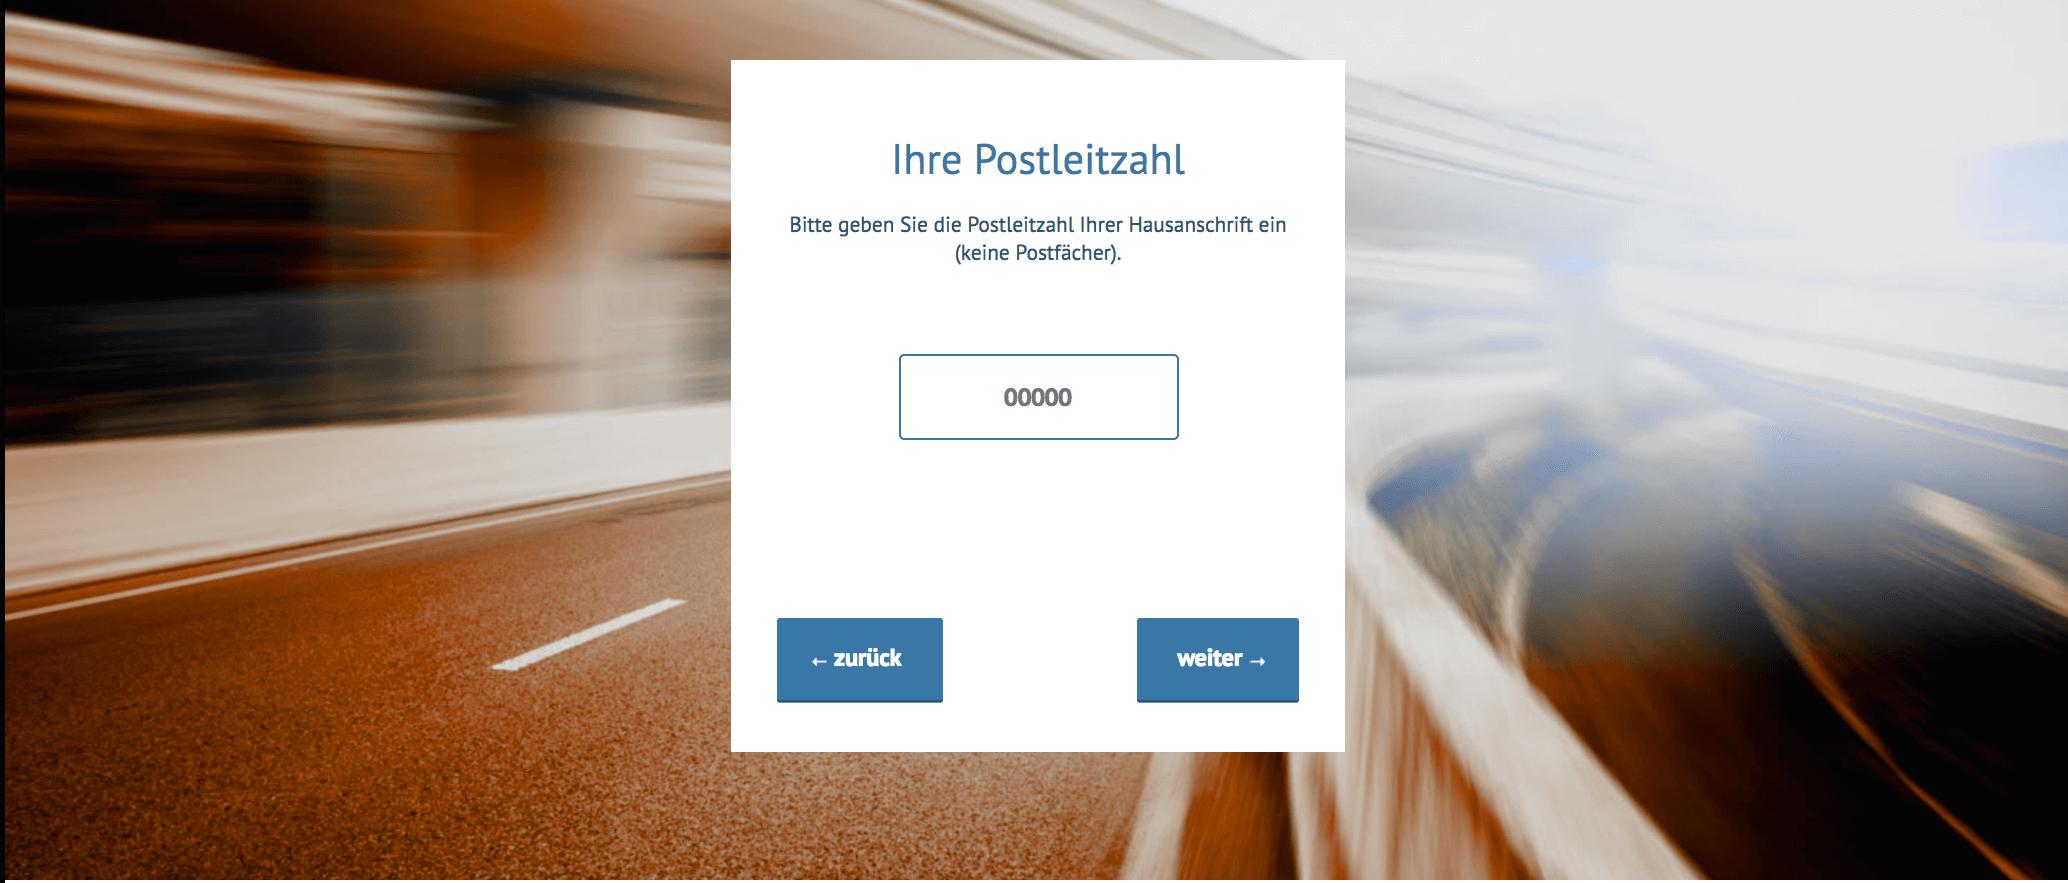 Breitbandmessung Postleitzahl